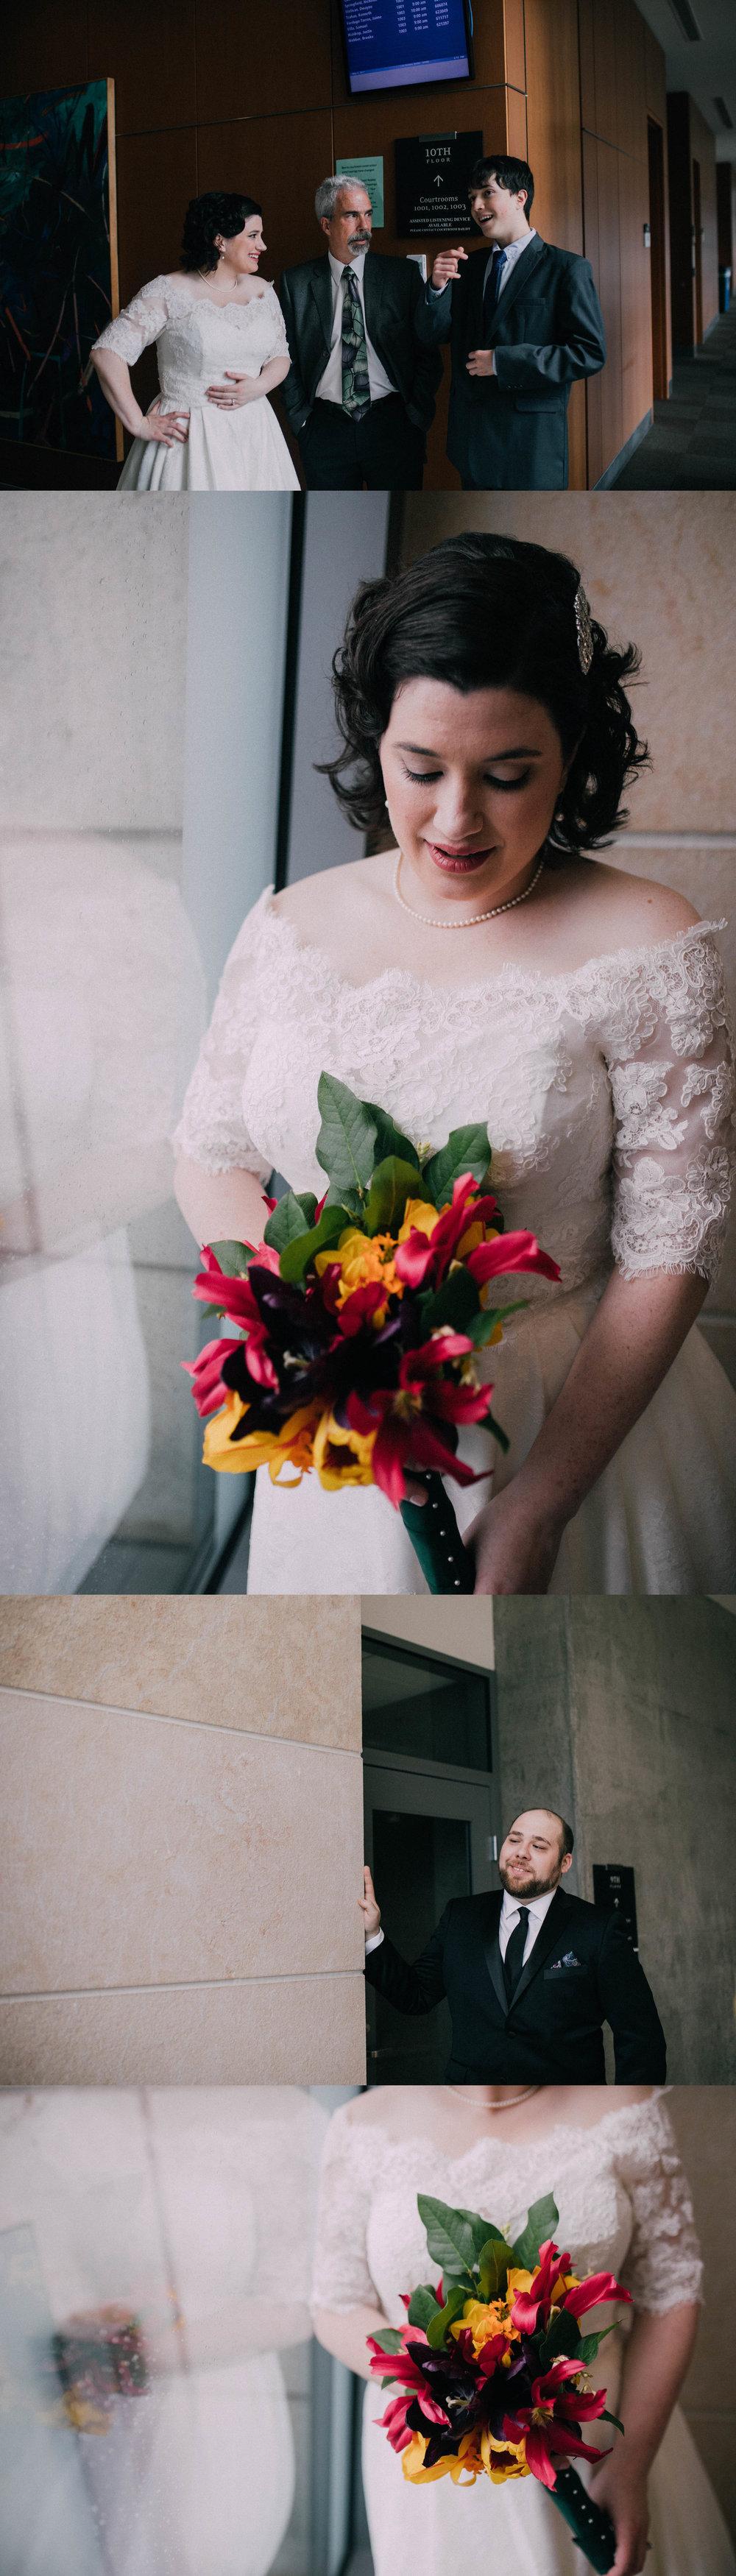 seattle washington courthouse wedding photographer elopement photographer-100.jpg